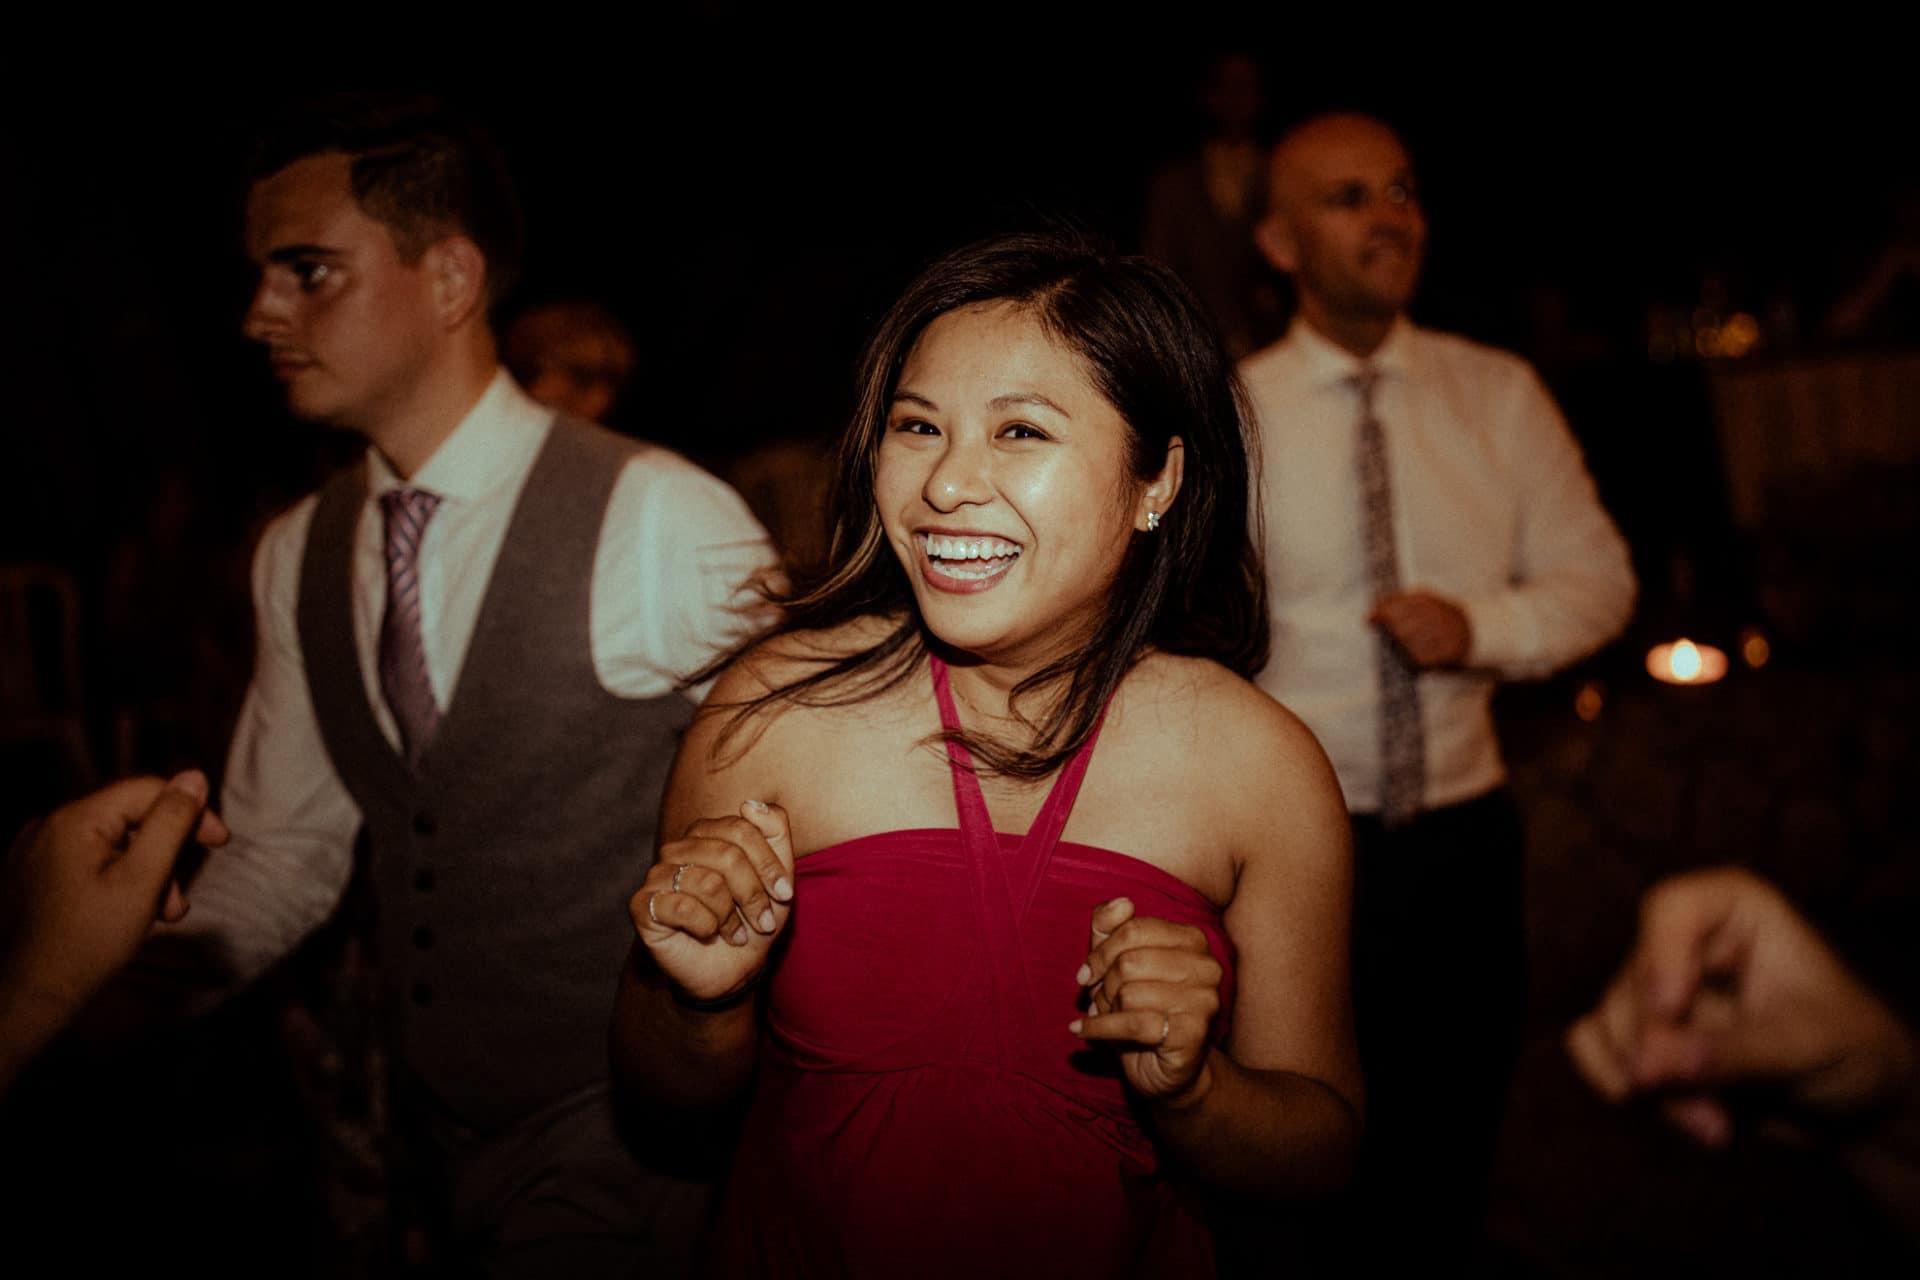 danse des invites de mariage